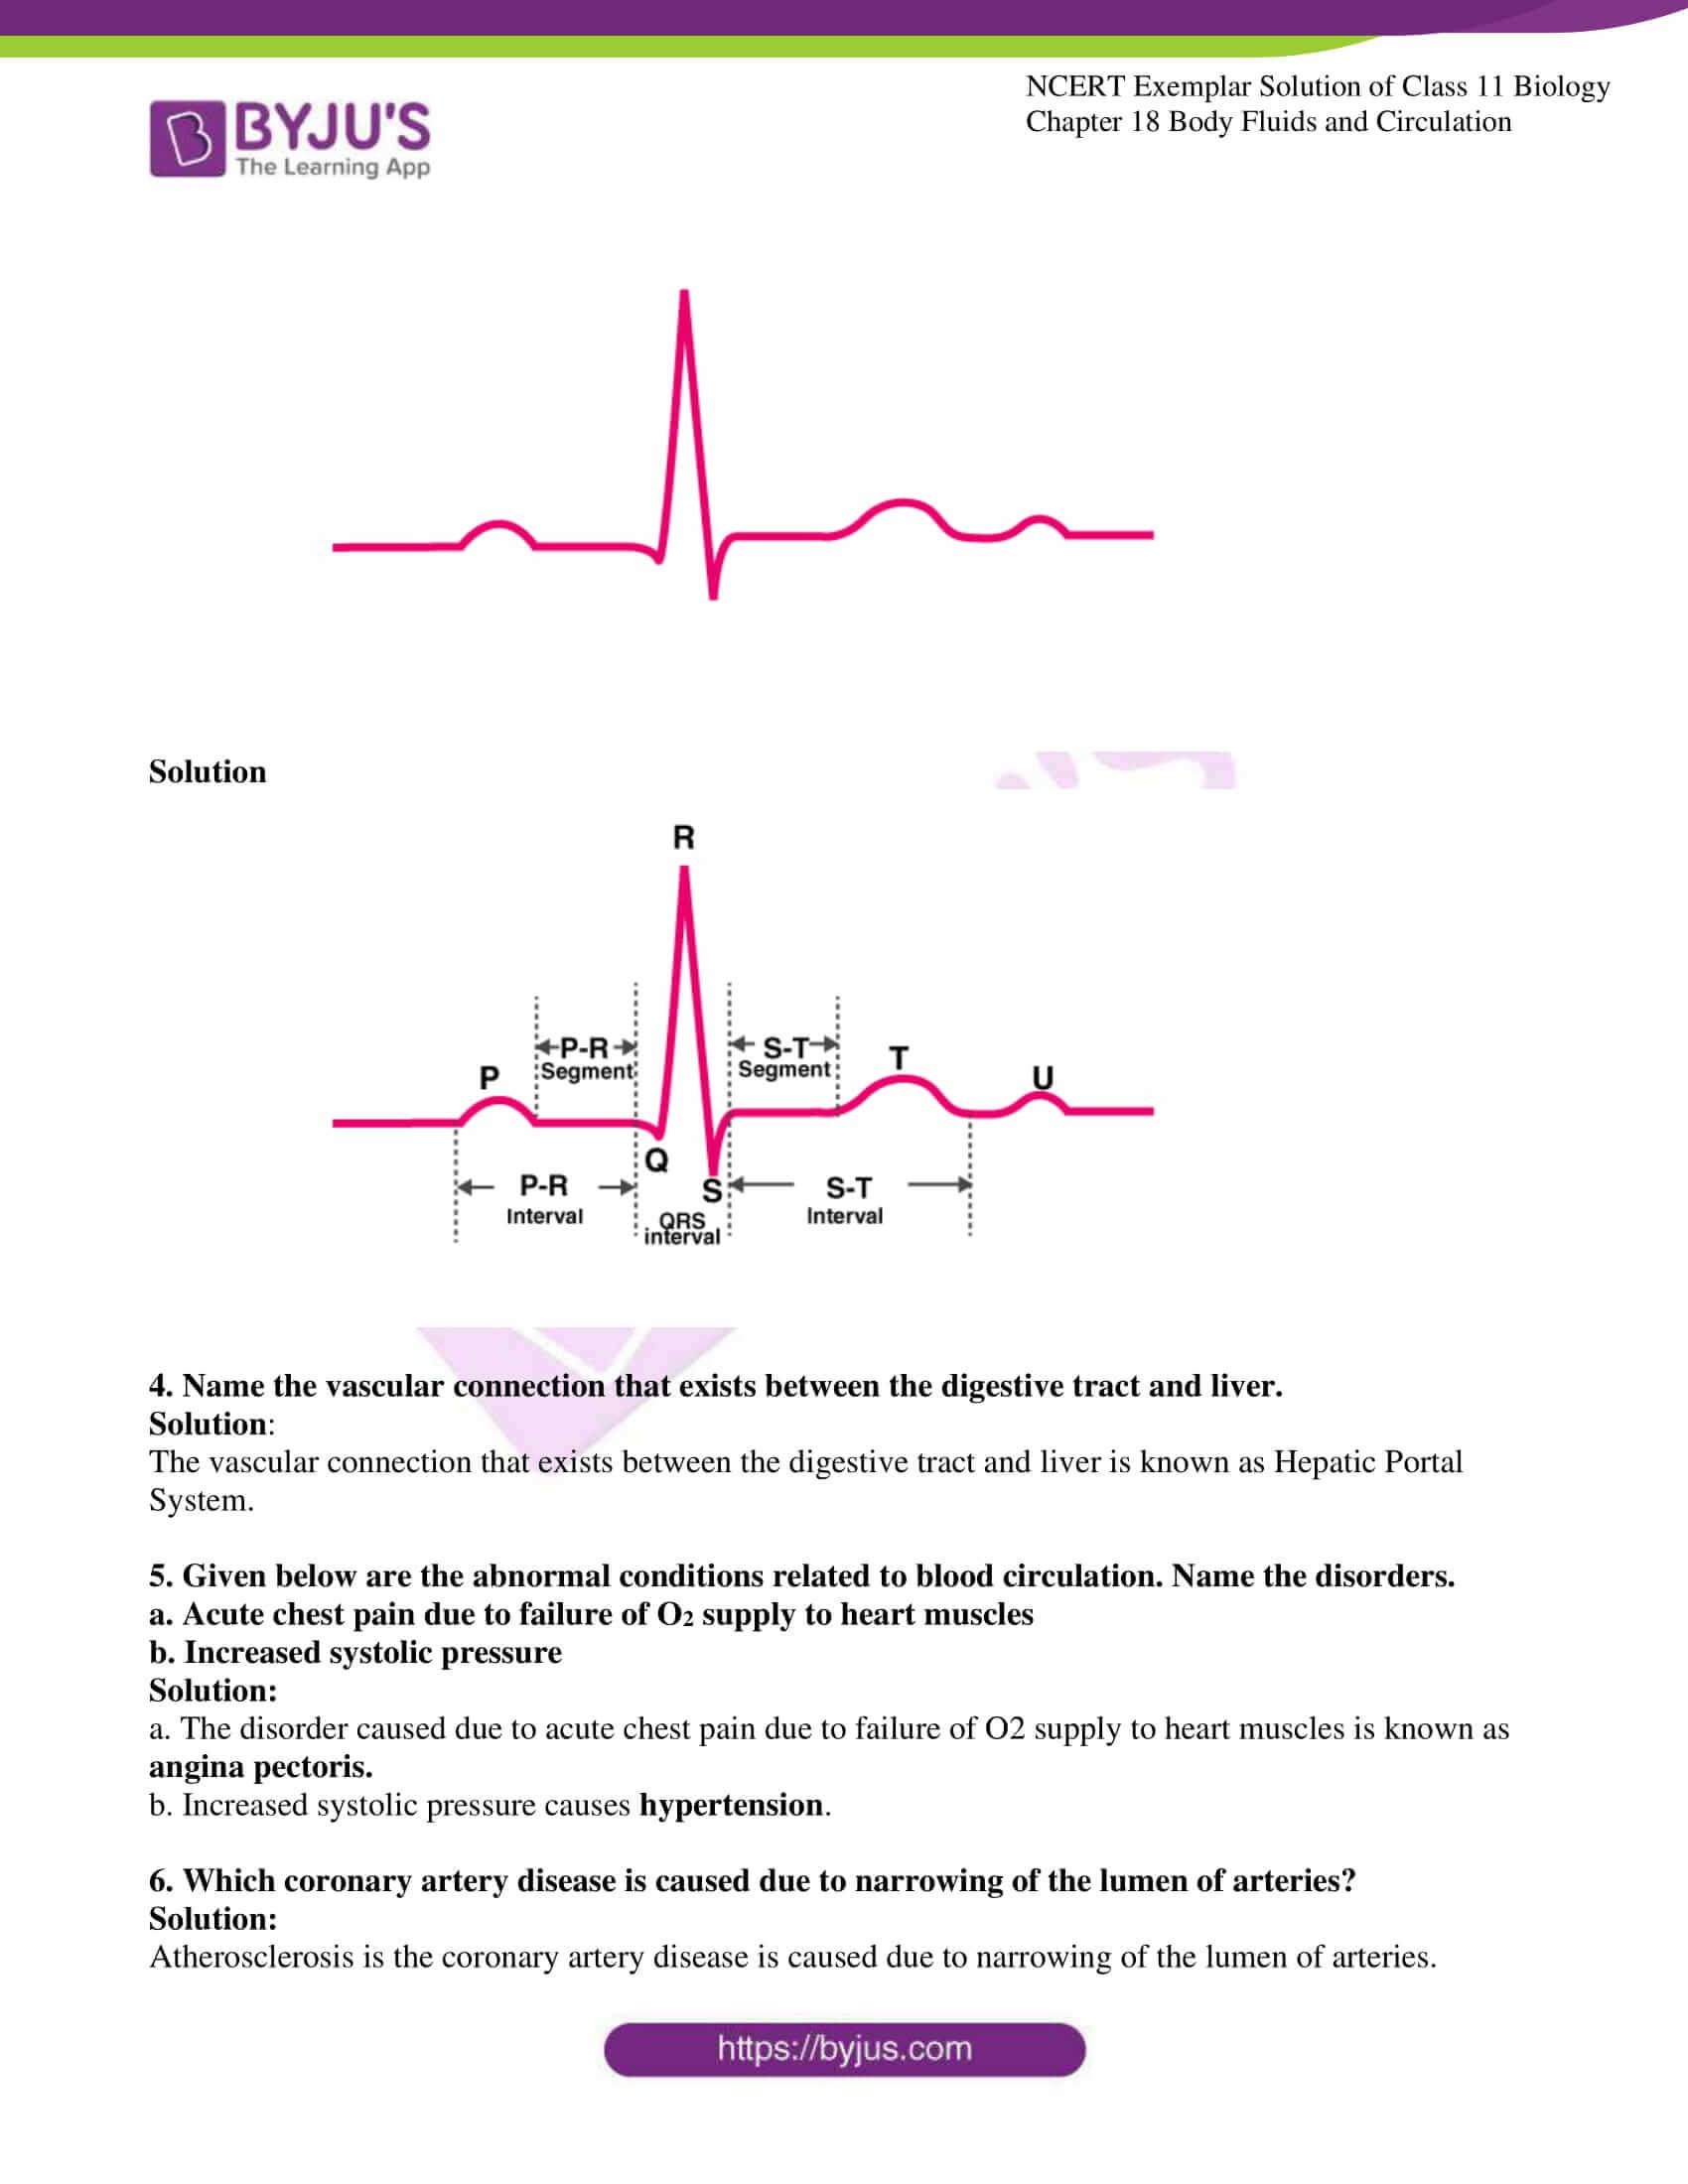 NCERT Exemplar Solution for Class 11 Biology Chapter 18 ...